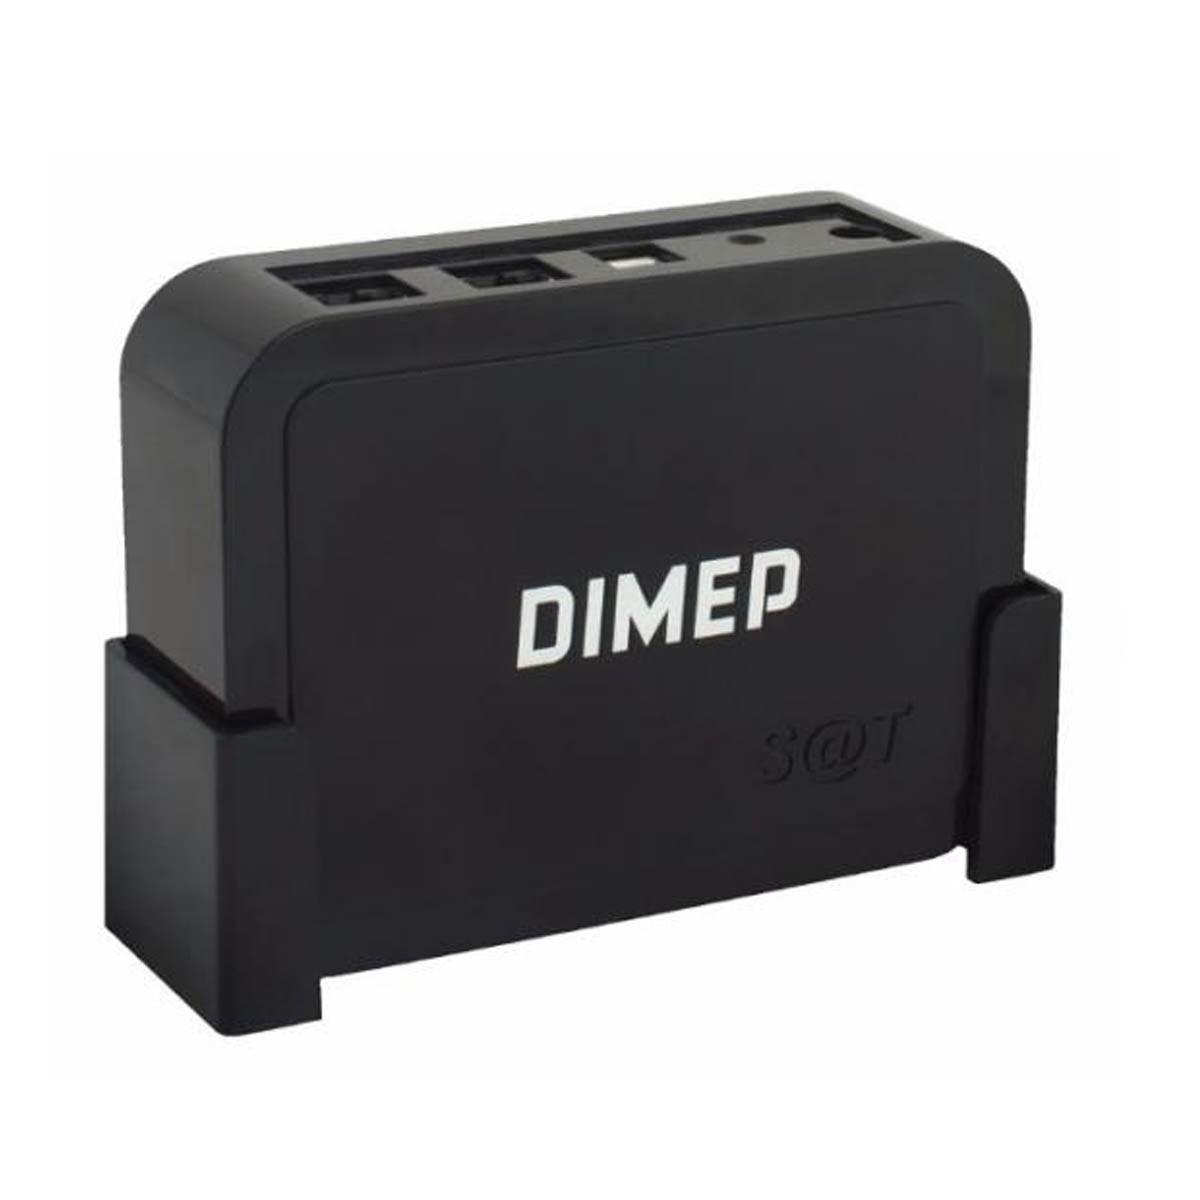 SAT Fiscal D-SAT 2.0 - Dimep